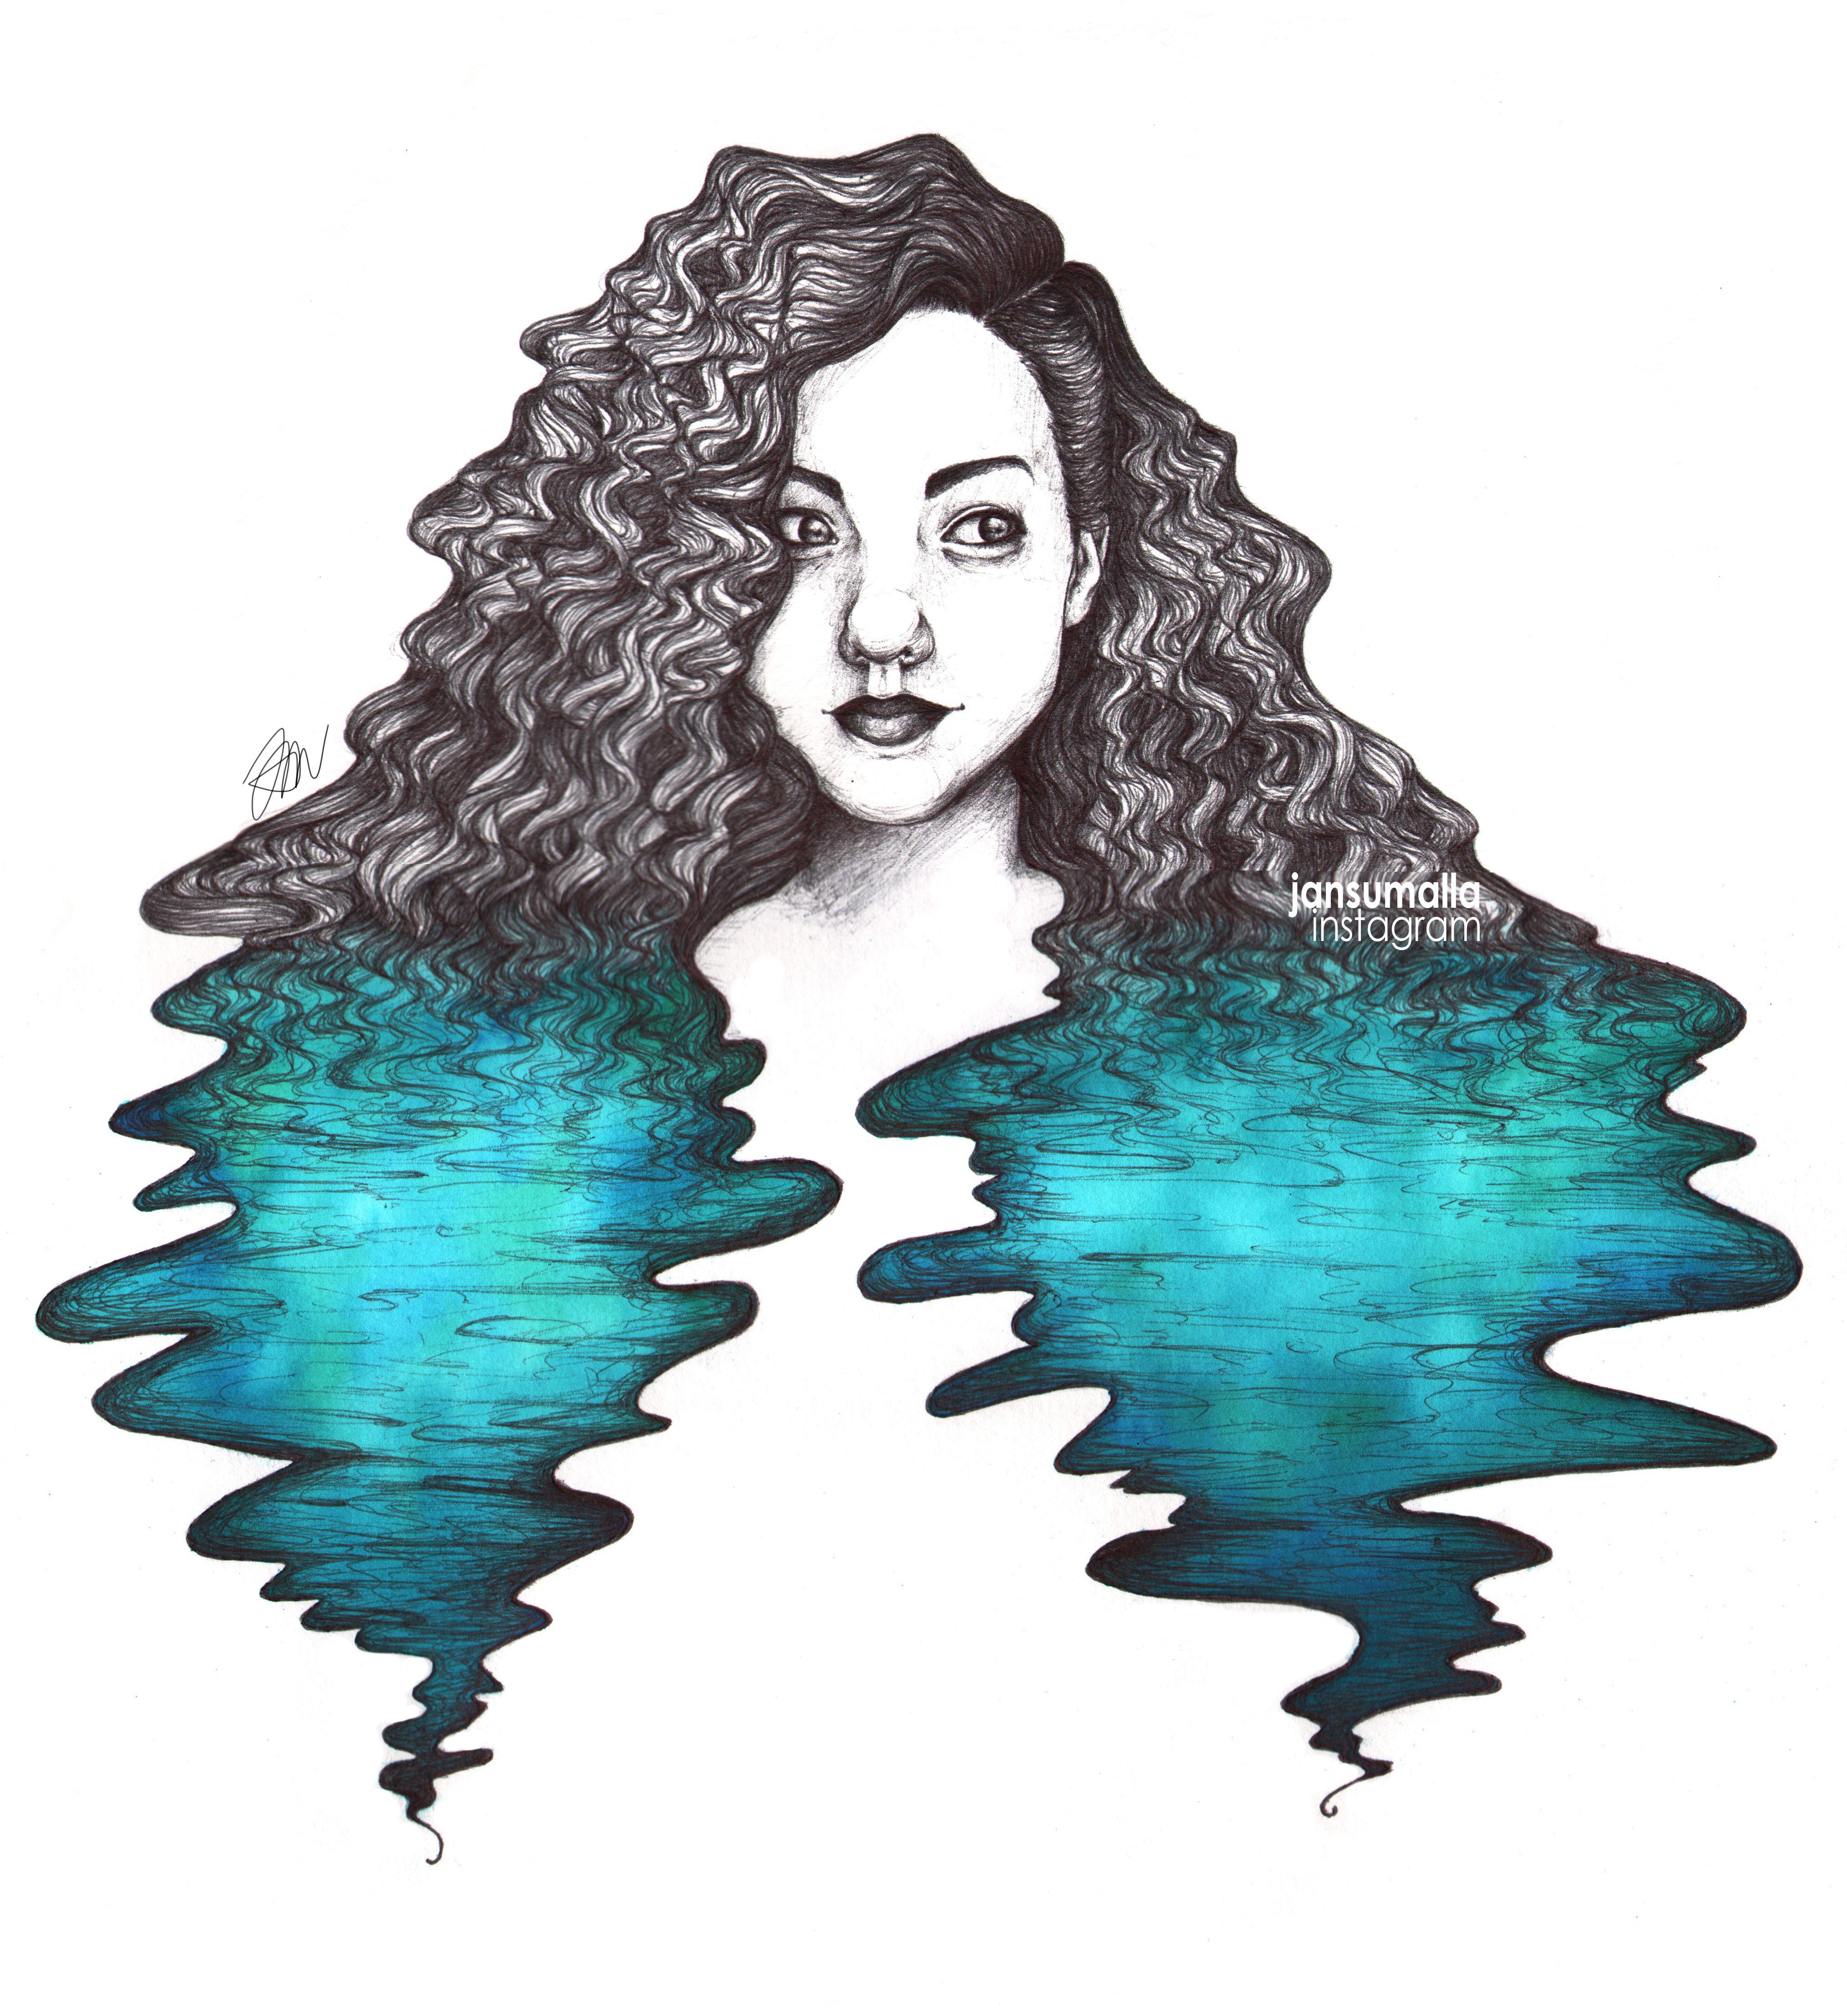 AQUA. Watercolor and pen illustration.